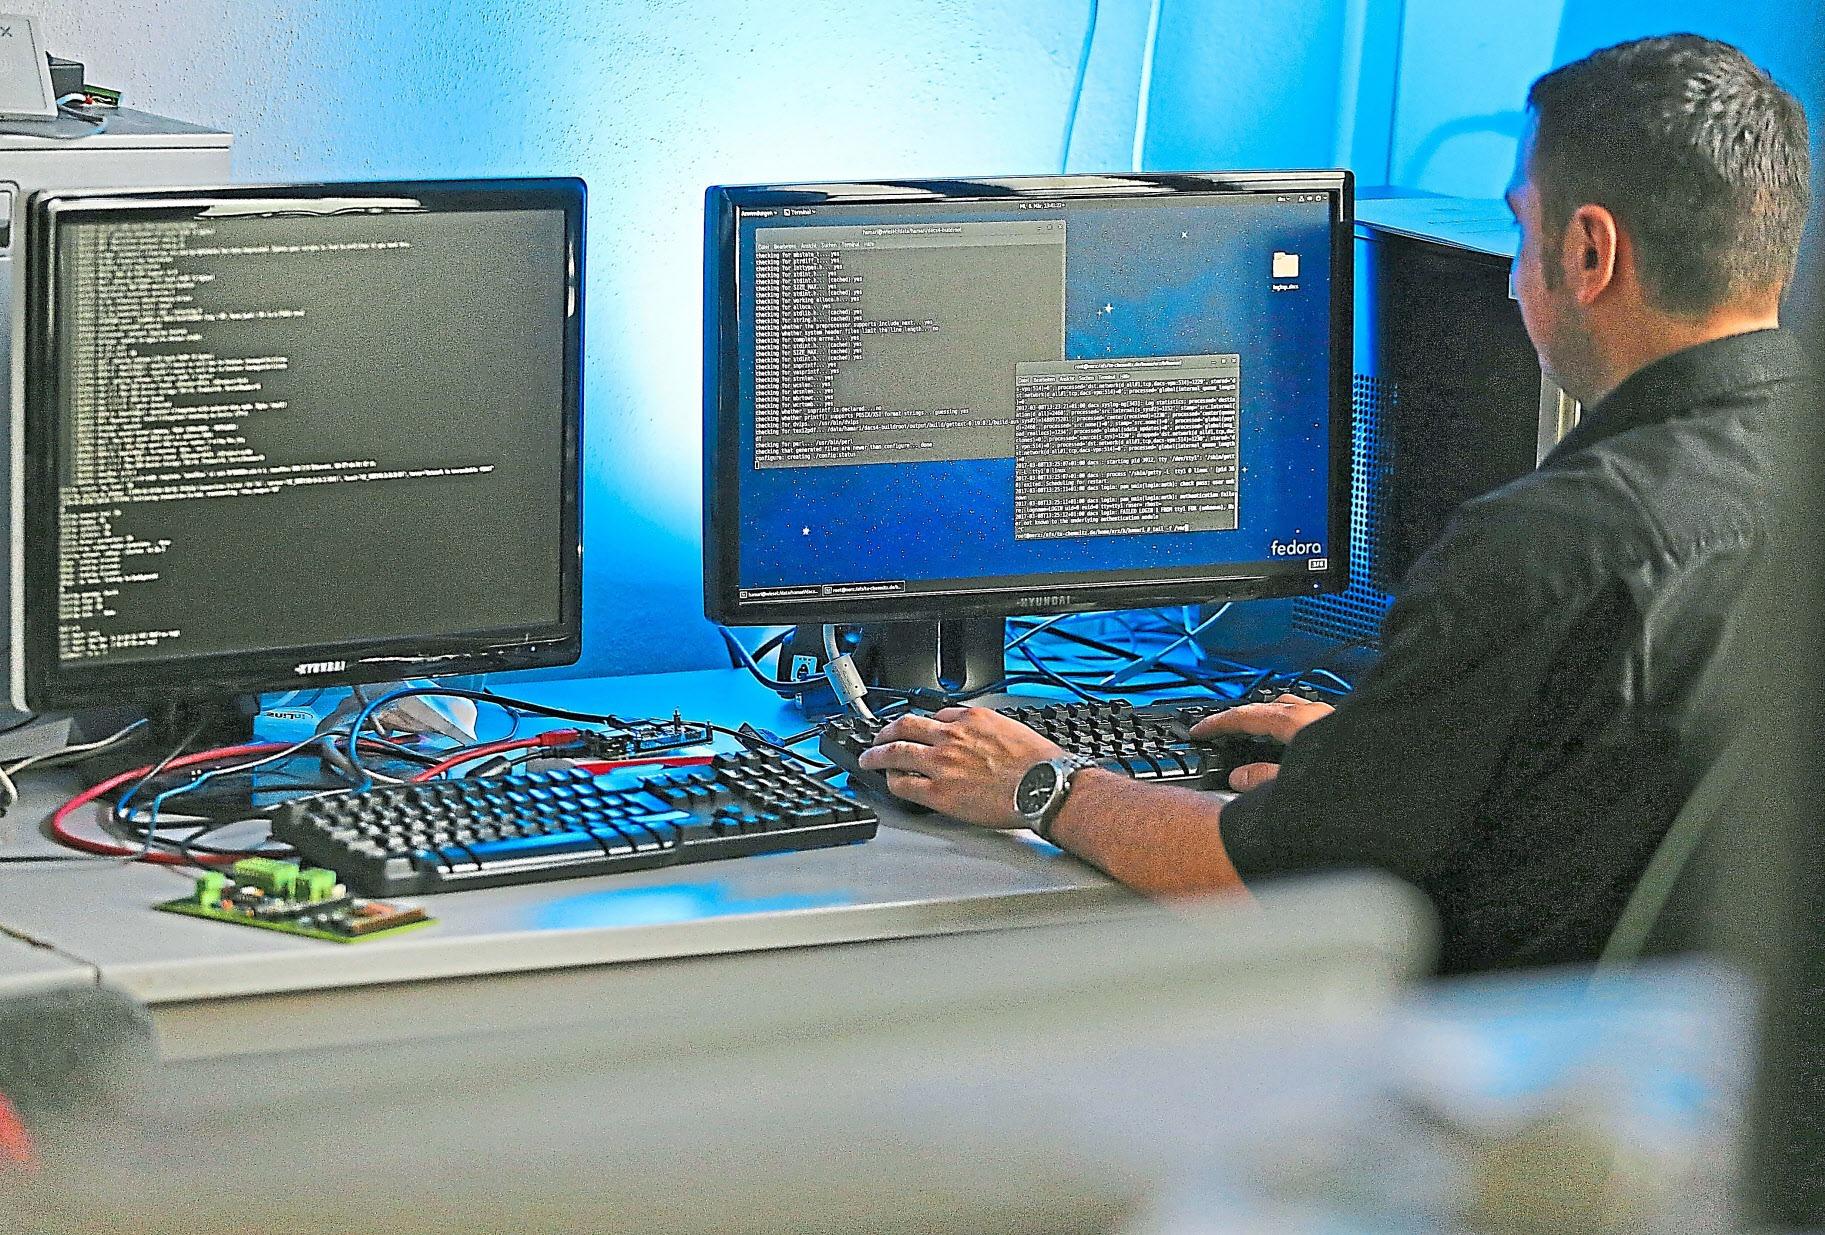 Fachkräfte für Informations- und Kommunikationstechnik haben beste Zukunftschancen. Schon jetzt fehlen deutschlandweit etwa 82 000 Experten. Foto: Woitas/dpa